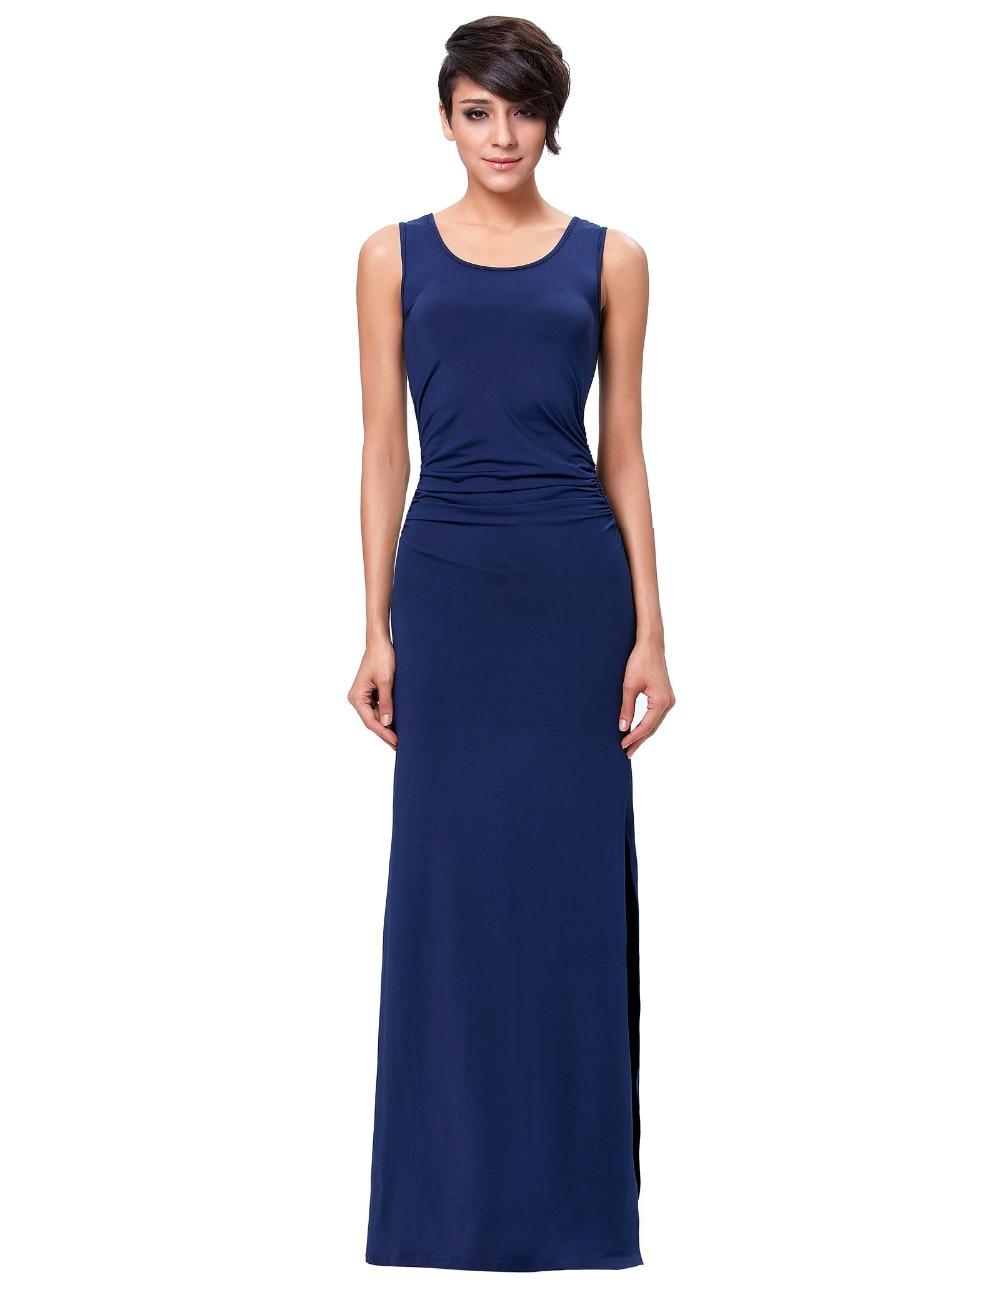 Navy Blue Long Dresses for Women